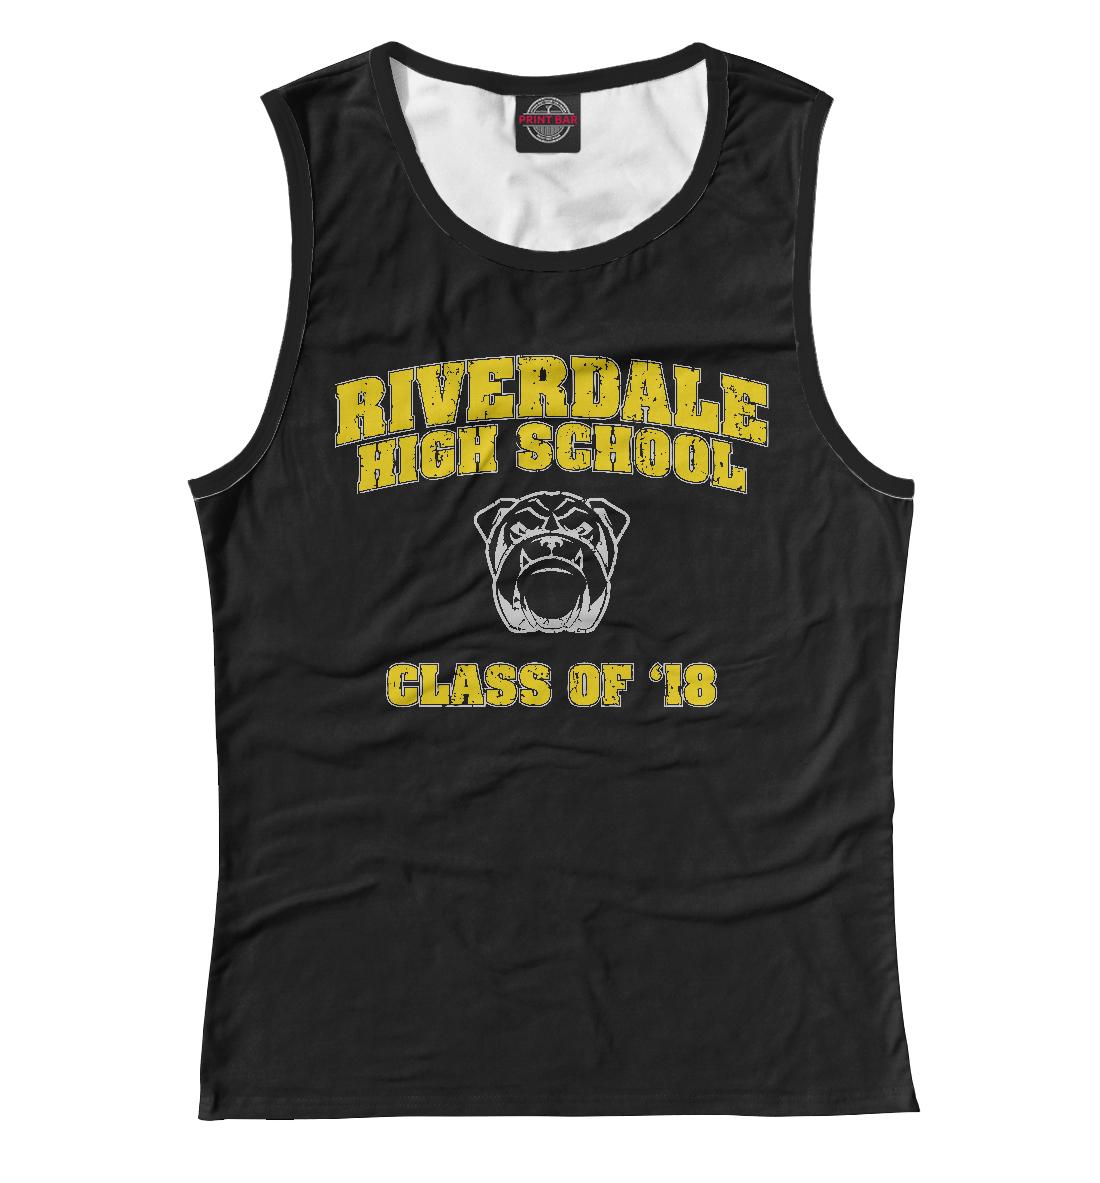 Купить Школа Ривердейл, Printbar, Майки, RVD-327917-may-1